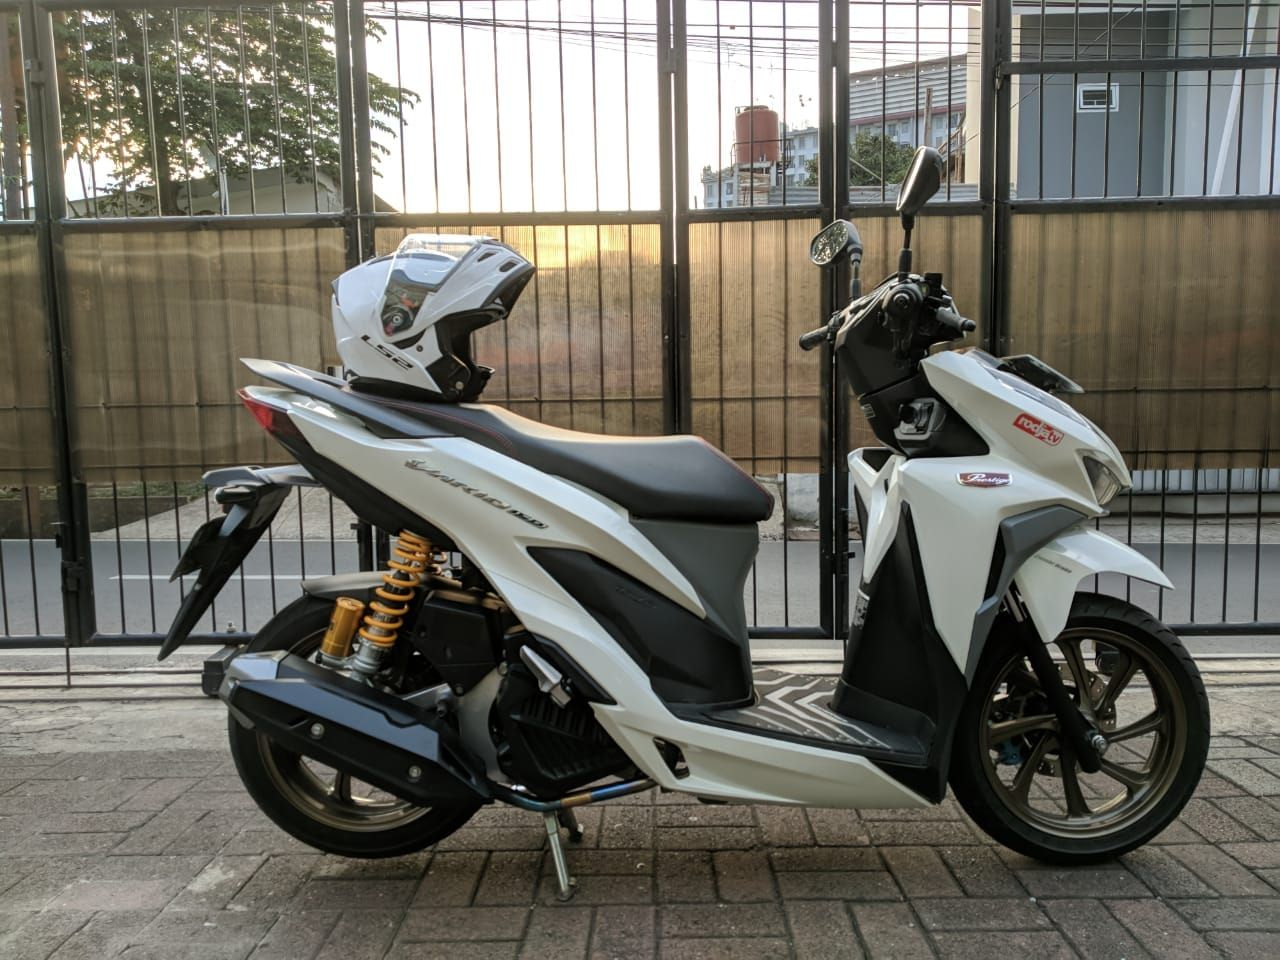 Tampilan Jadi Makin Gagah Segini Ongkos Bikin Sokbreker Belakang Honda Vario Jadi Dobel Motorplus